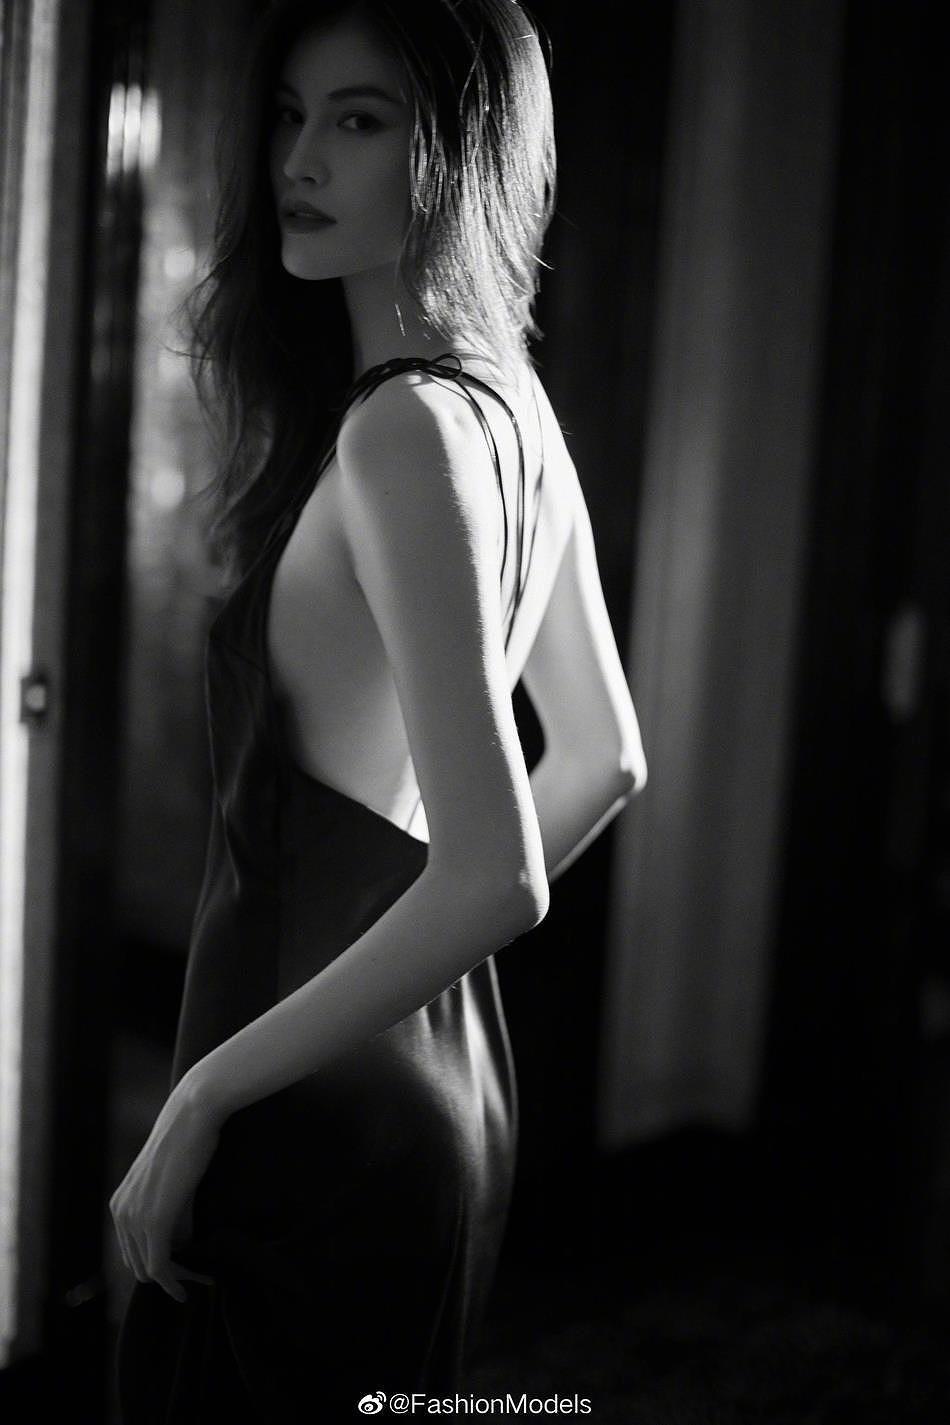 Siêu mẫu Victoria's Secret gốc Á mặc nội y ren, khoe lưng trần gợi cảm Ảnh 2